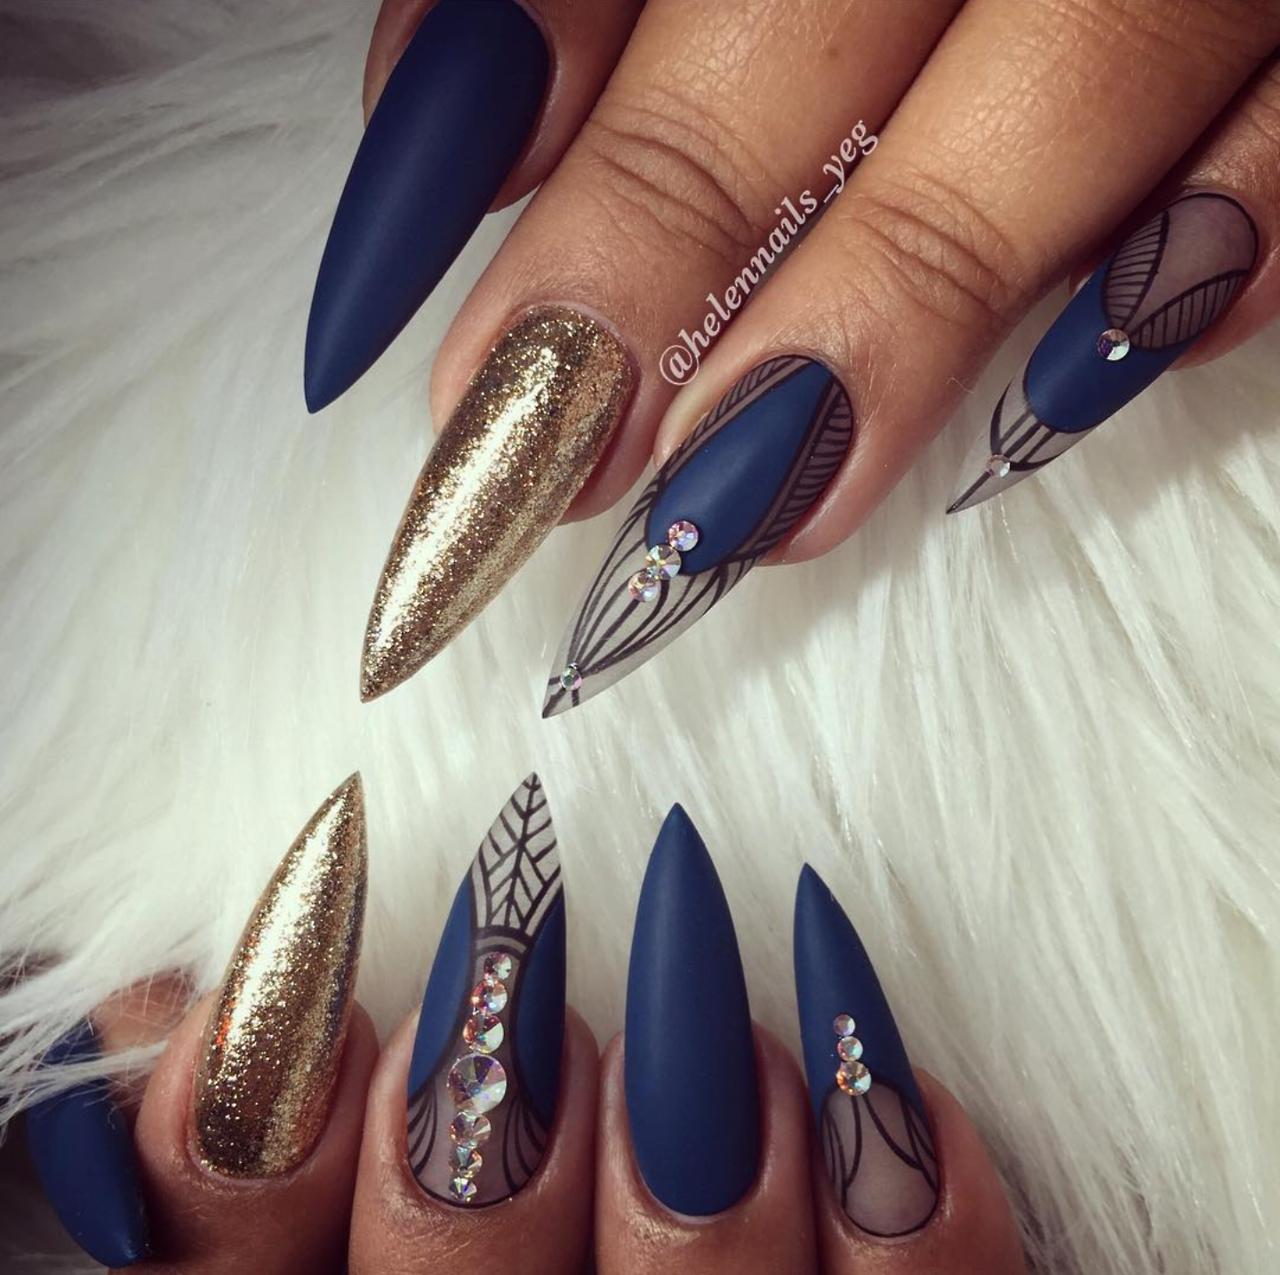 Blue & Gold Nails, Nails, Nails | BEAUTY // NAILS #### 7 | Pinterest ...